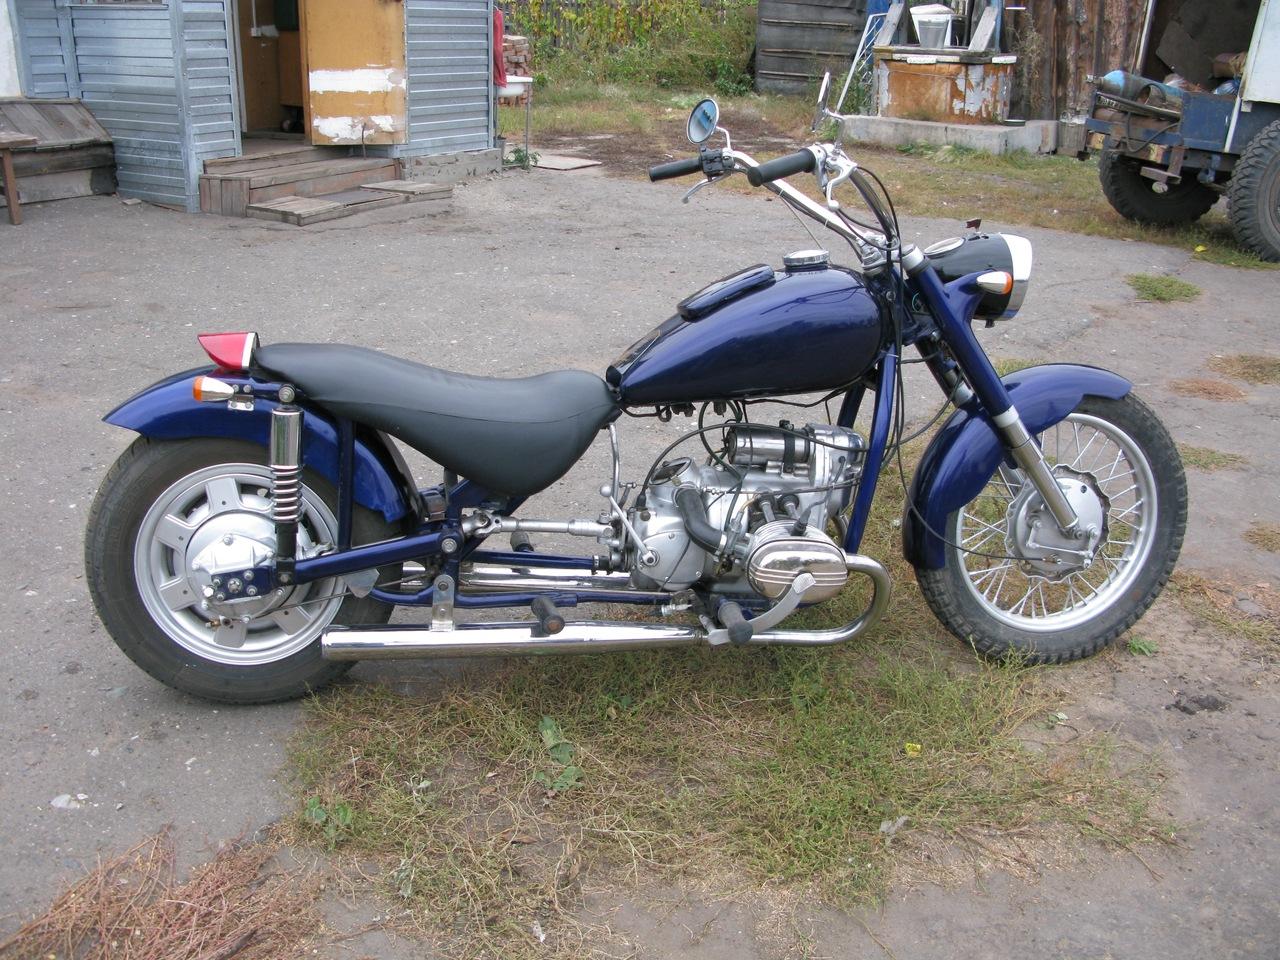 олимпусе фото доработки мотоцикла урал отели другие